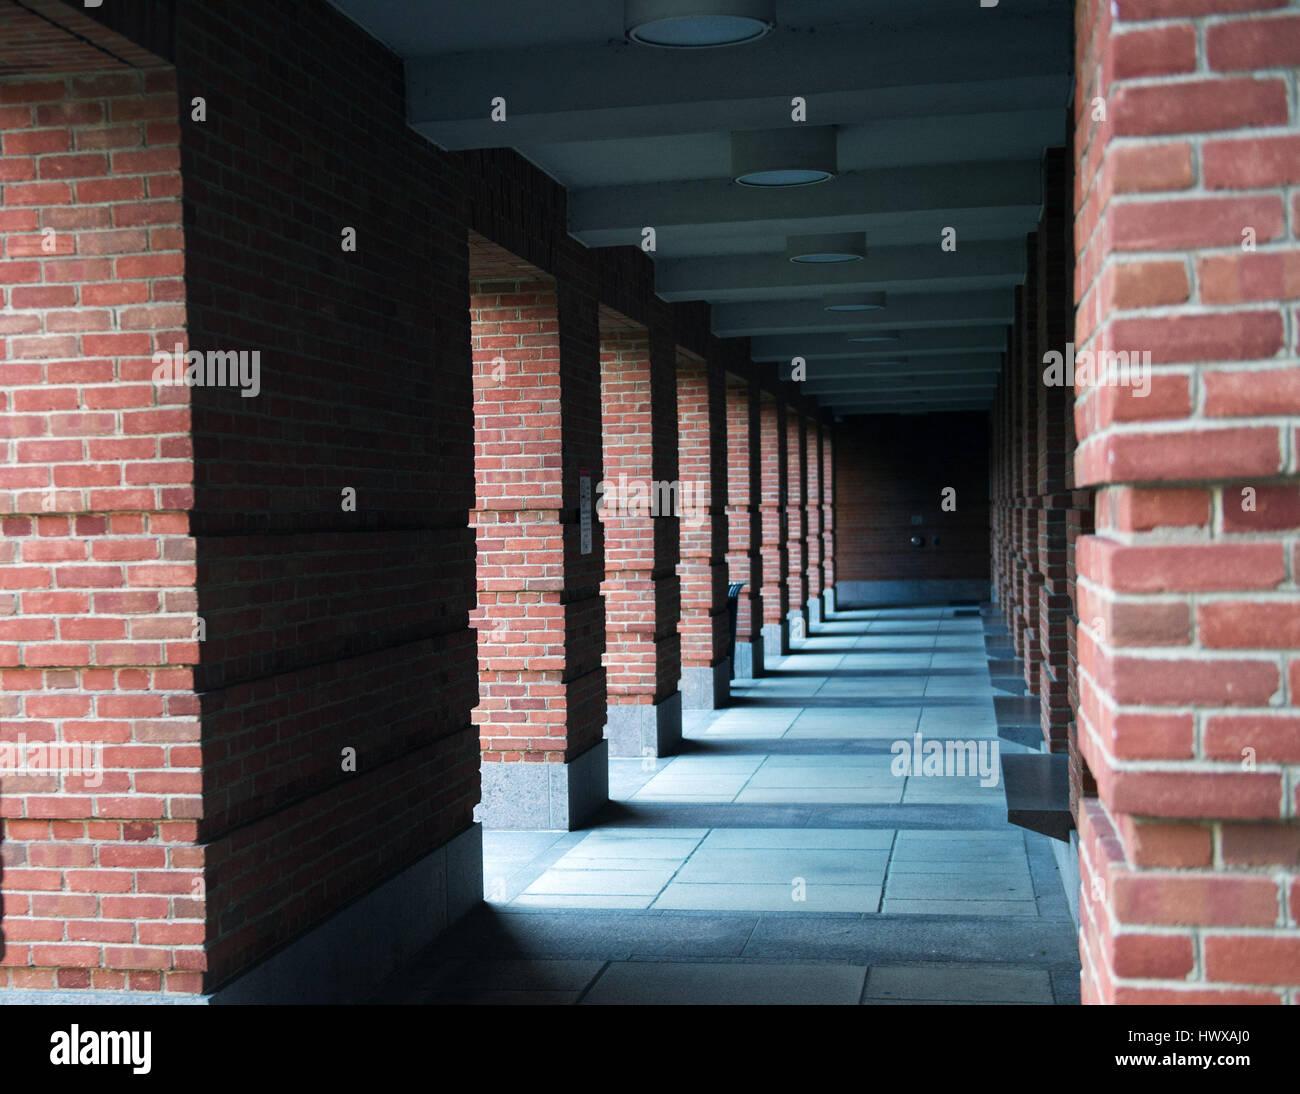 Columbus. Ohio Città Architettura e Design Immagini Stock